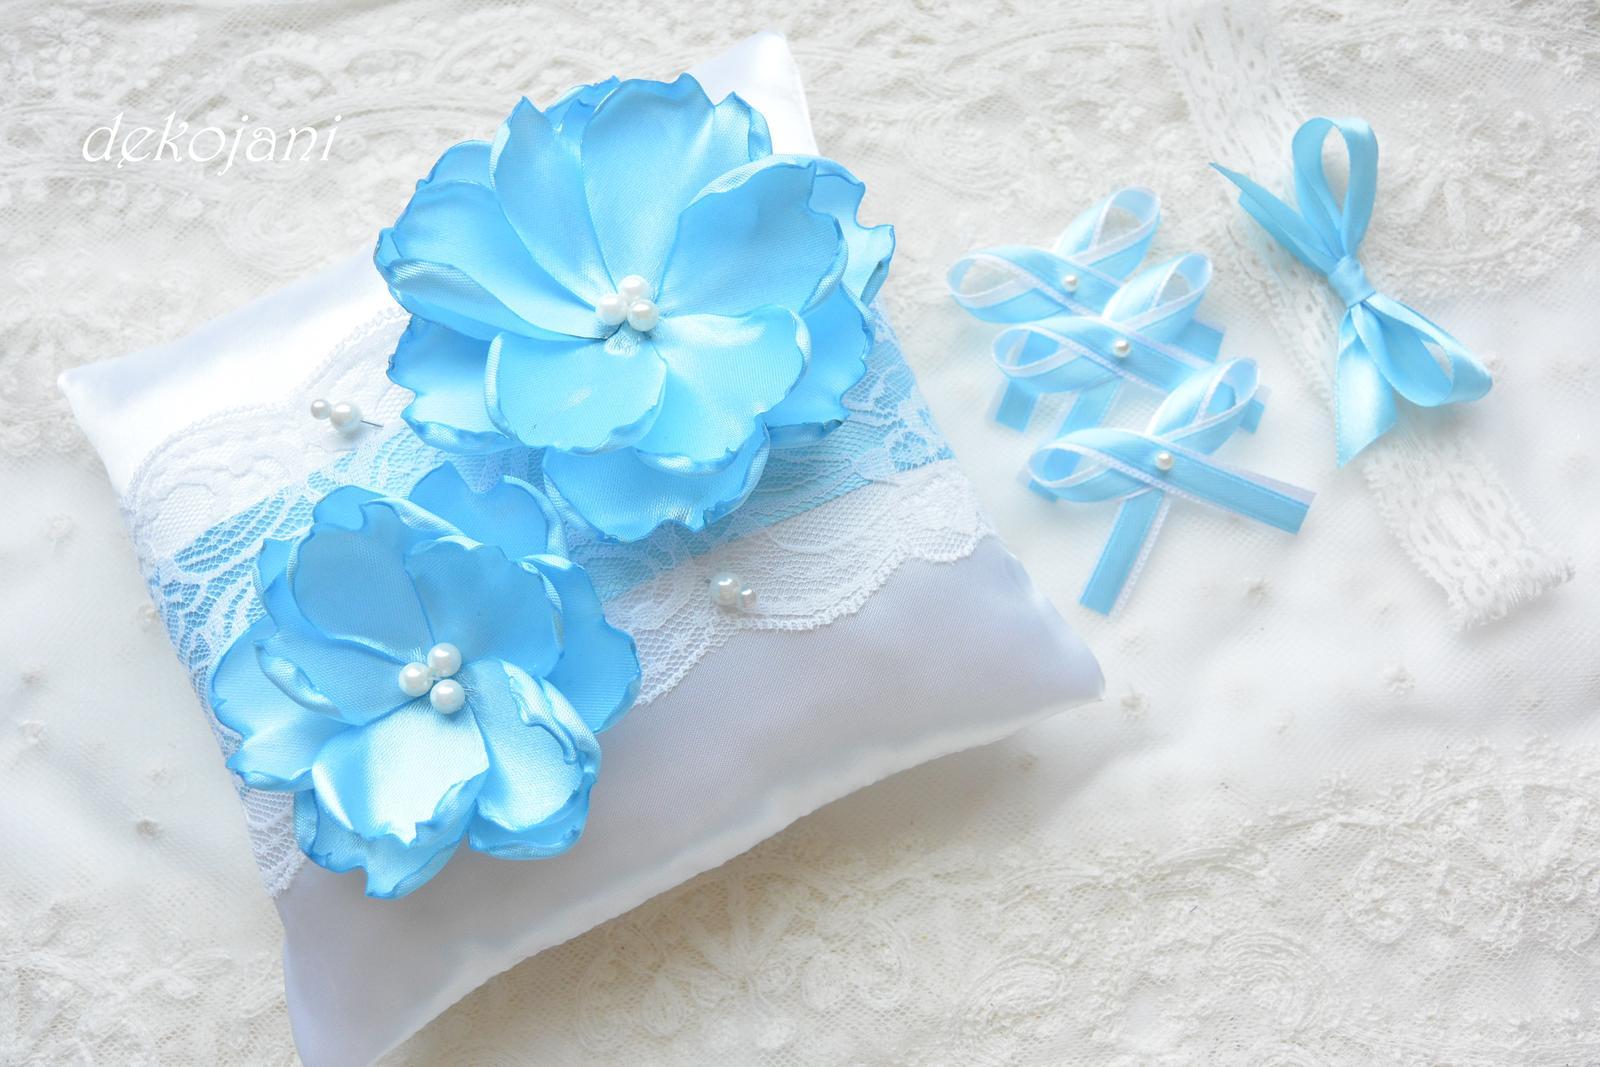 Polštářek pod prstýnky s modrými květinami  - Obrázek č. 1